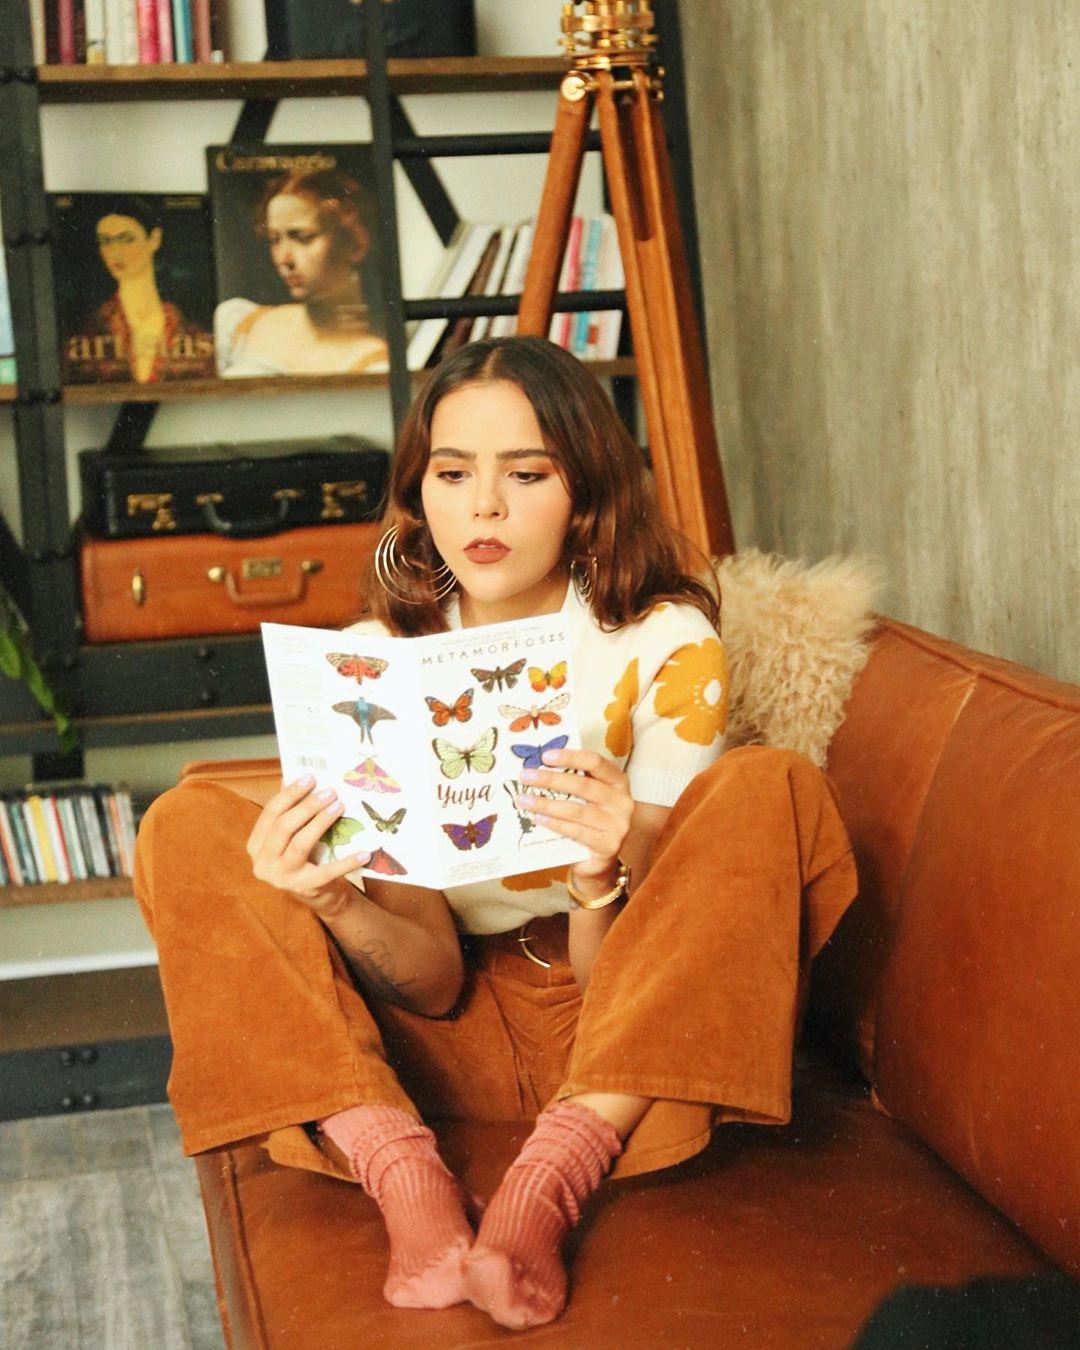 Foto de Yuya en un sillón con la paleta de sombras Metamorfosis.